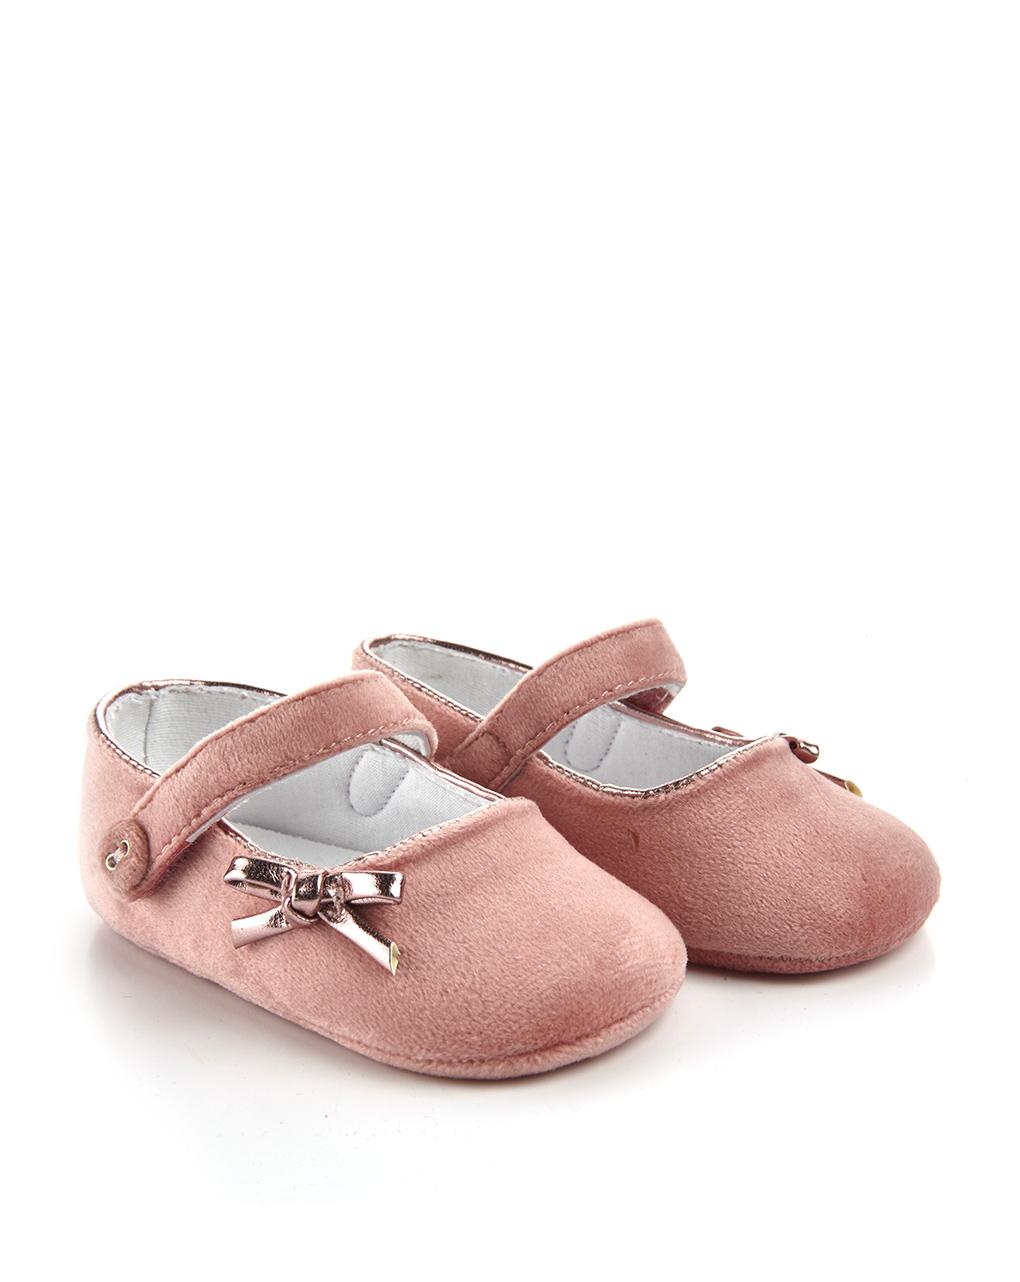 Βρεφικά Παπούτσια Αγκαλιάς Μπαλαρίνες Βελούδινες Ροζ με Φιογκάκι για Κορίτσι